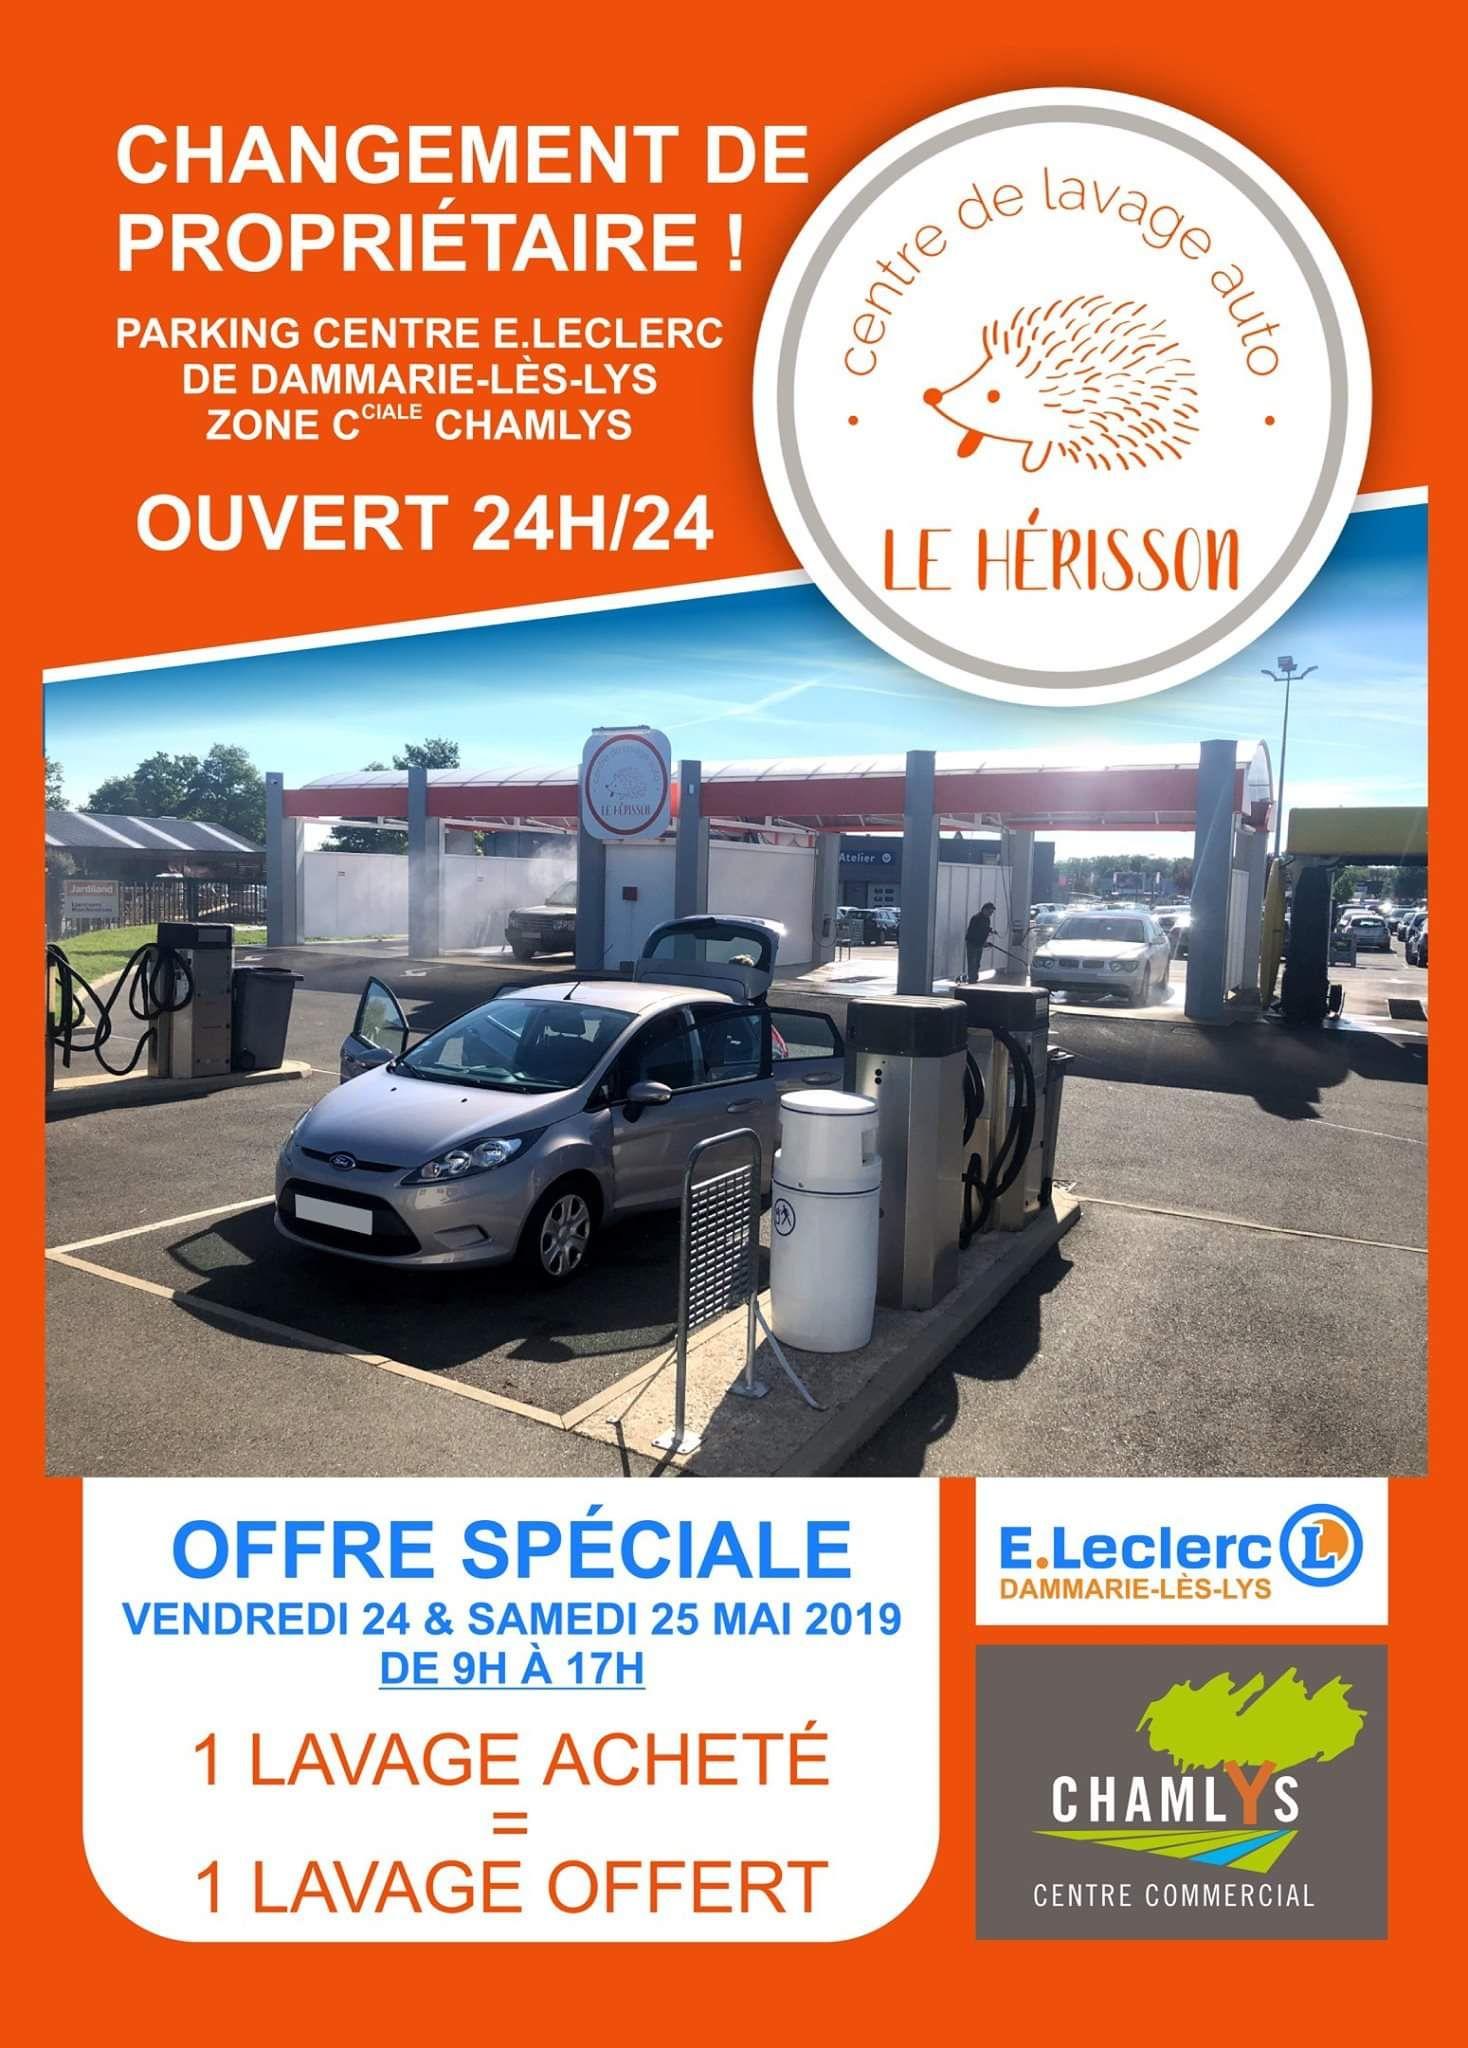 1 lavage acheté = 1 lavage offert - Station Le Herisson parking Leclerc Dammarie-les-Lys (77)